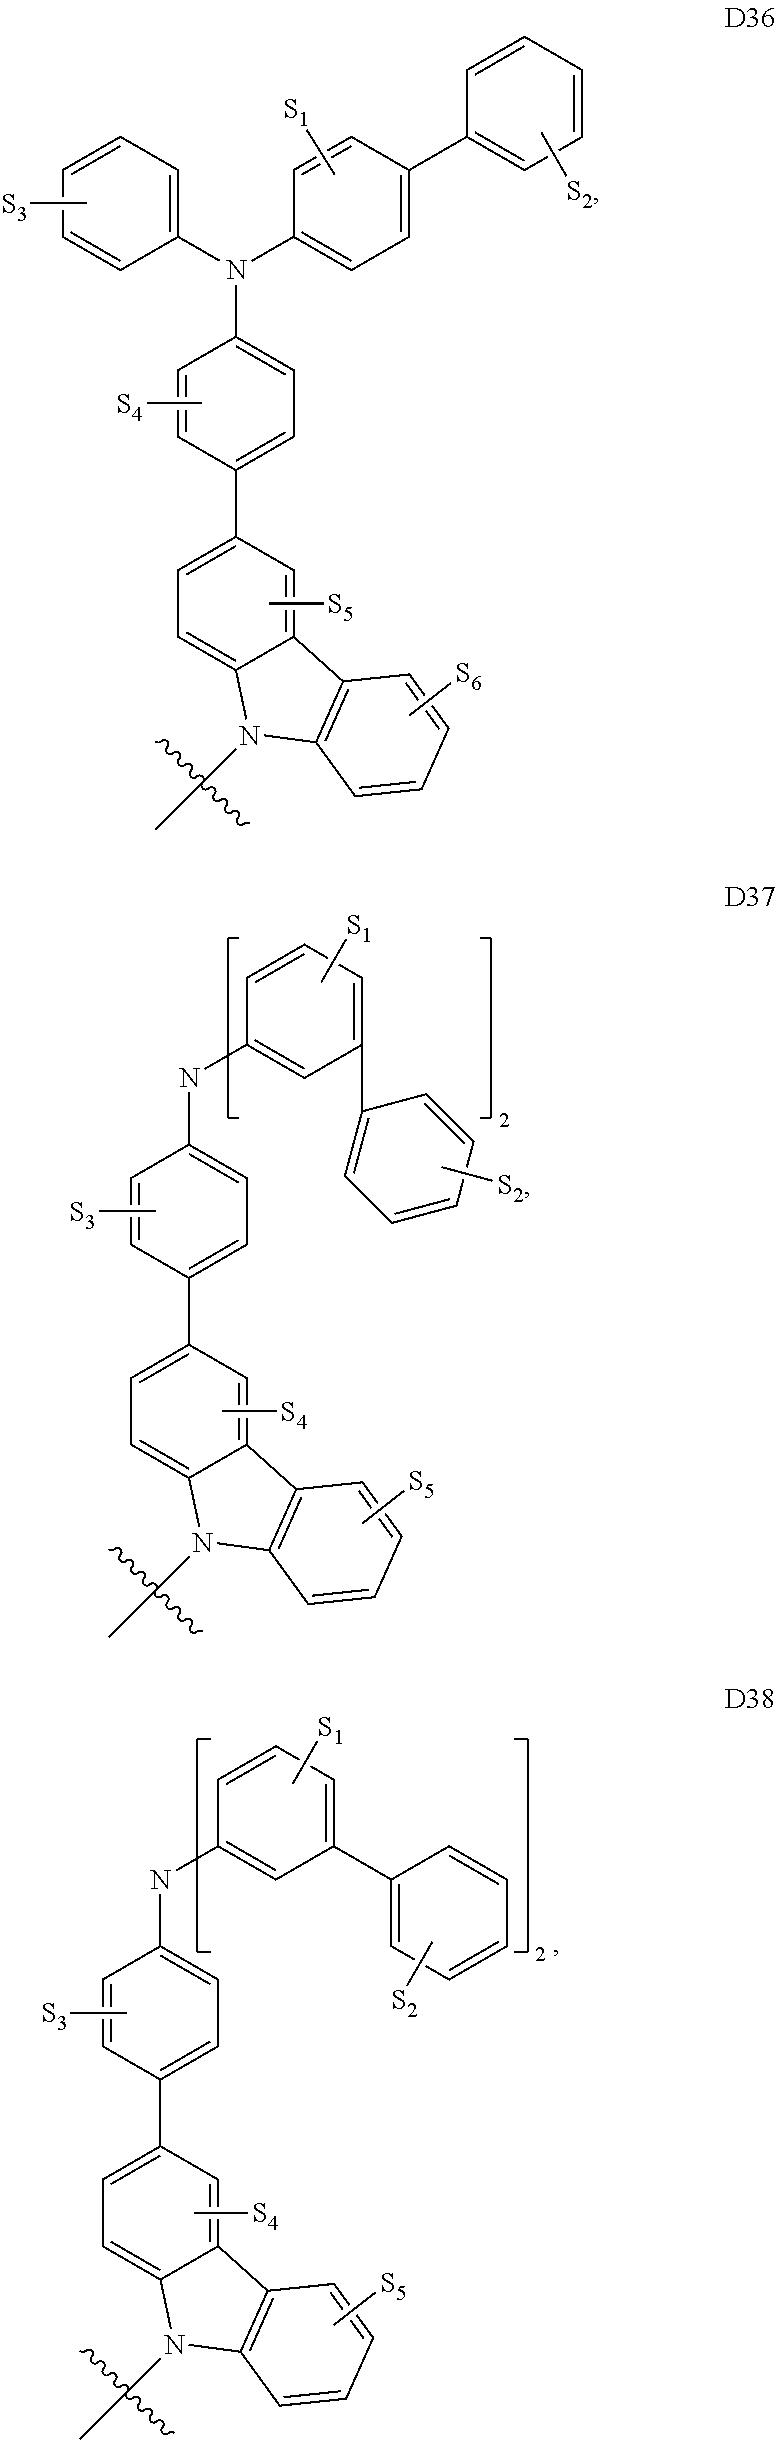 Figure US09537106-20170103-C00130